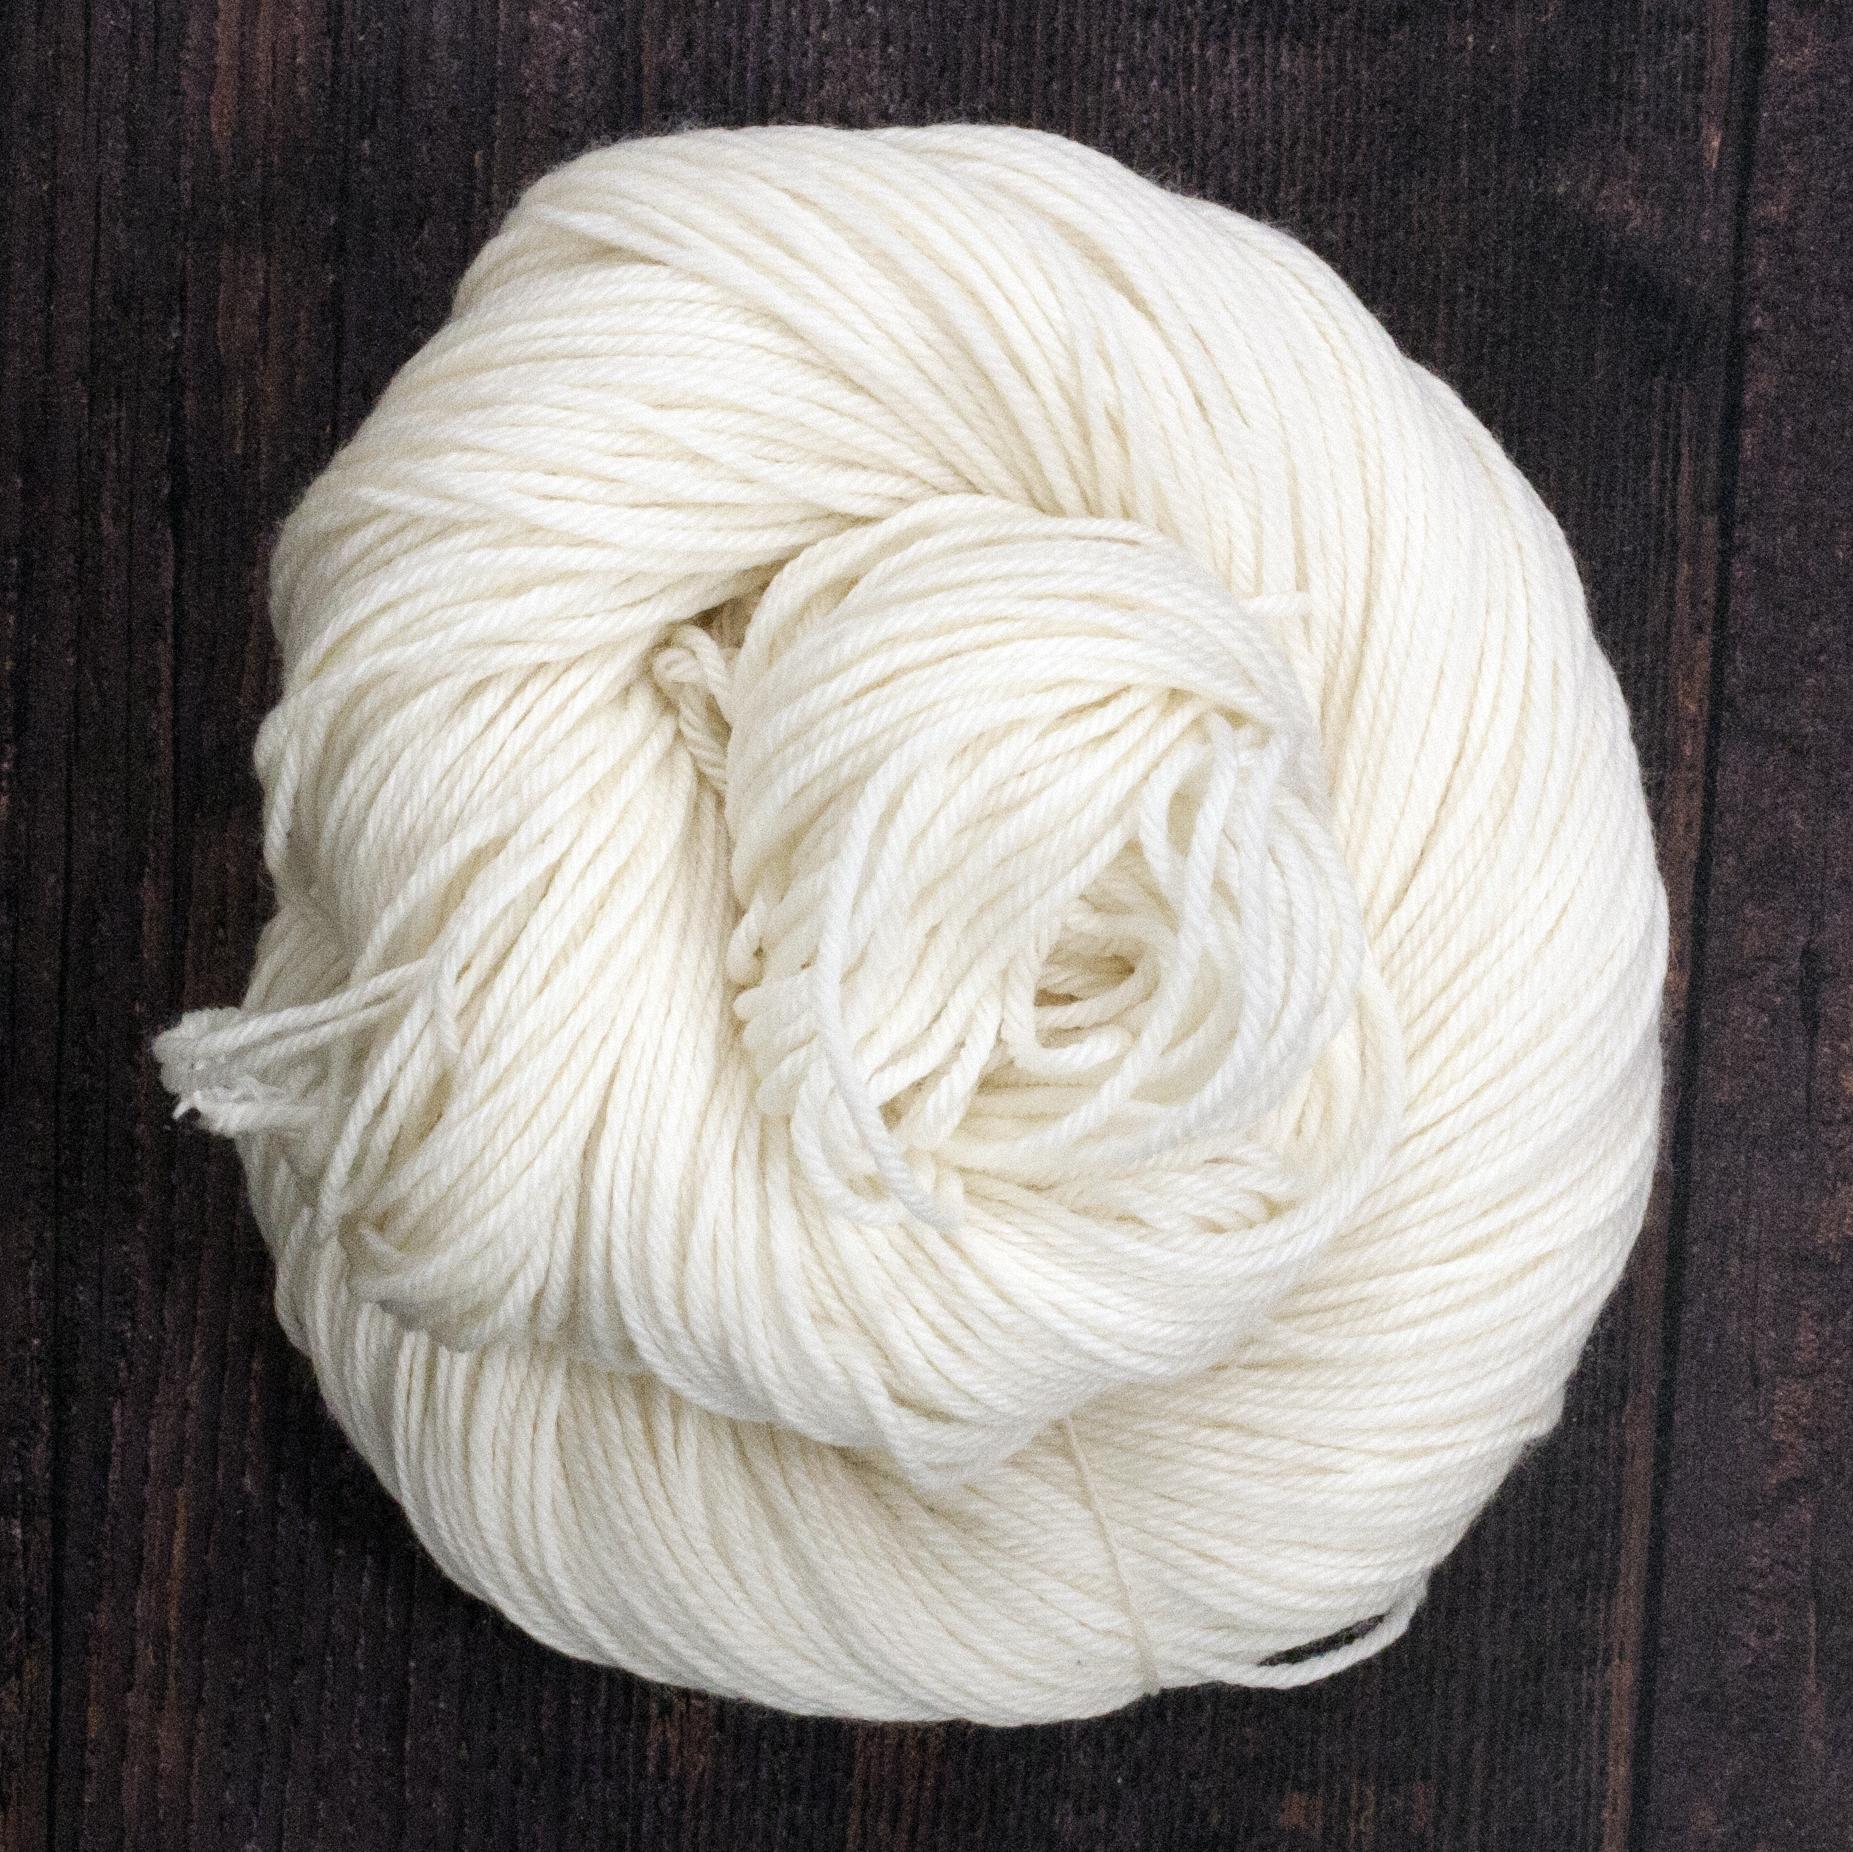 Type 49230   Platinum DK   75% Superwash Merino Wool 25% Nylon    100g Hanks  225m per 100g 4/9nm